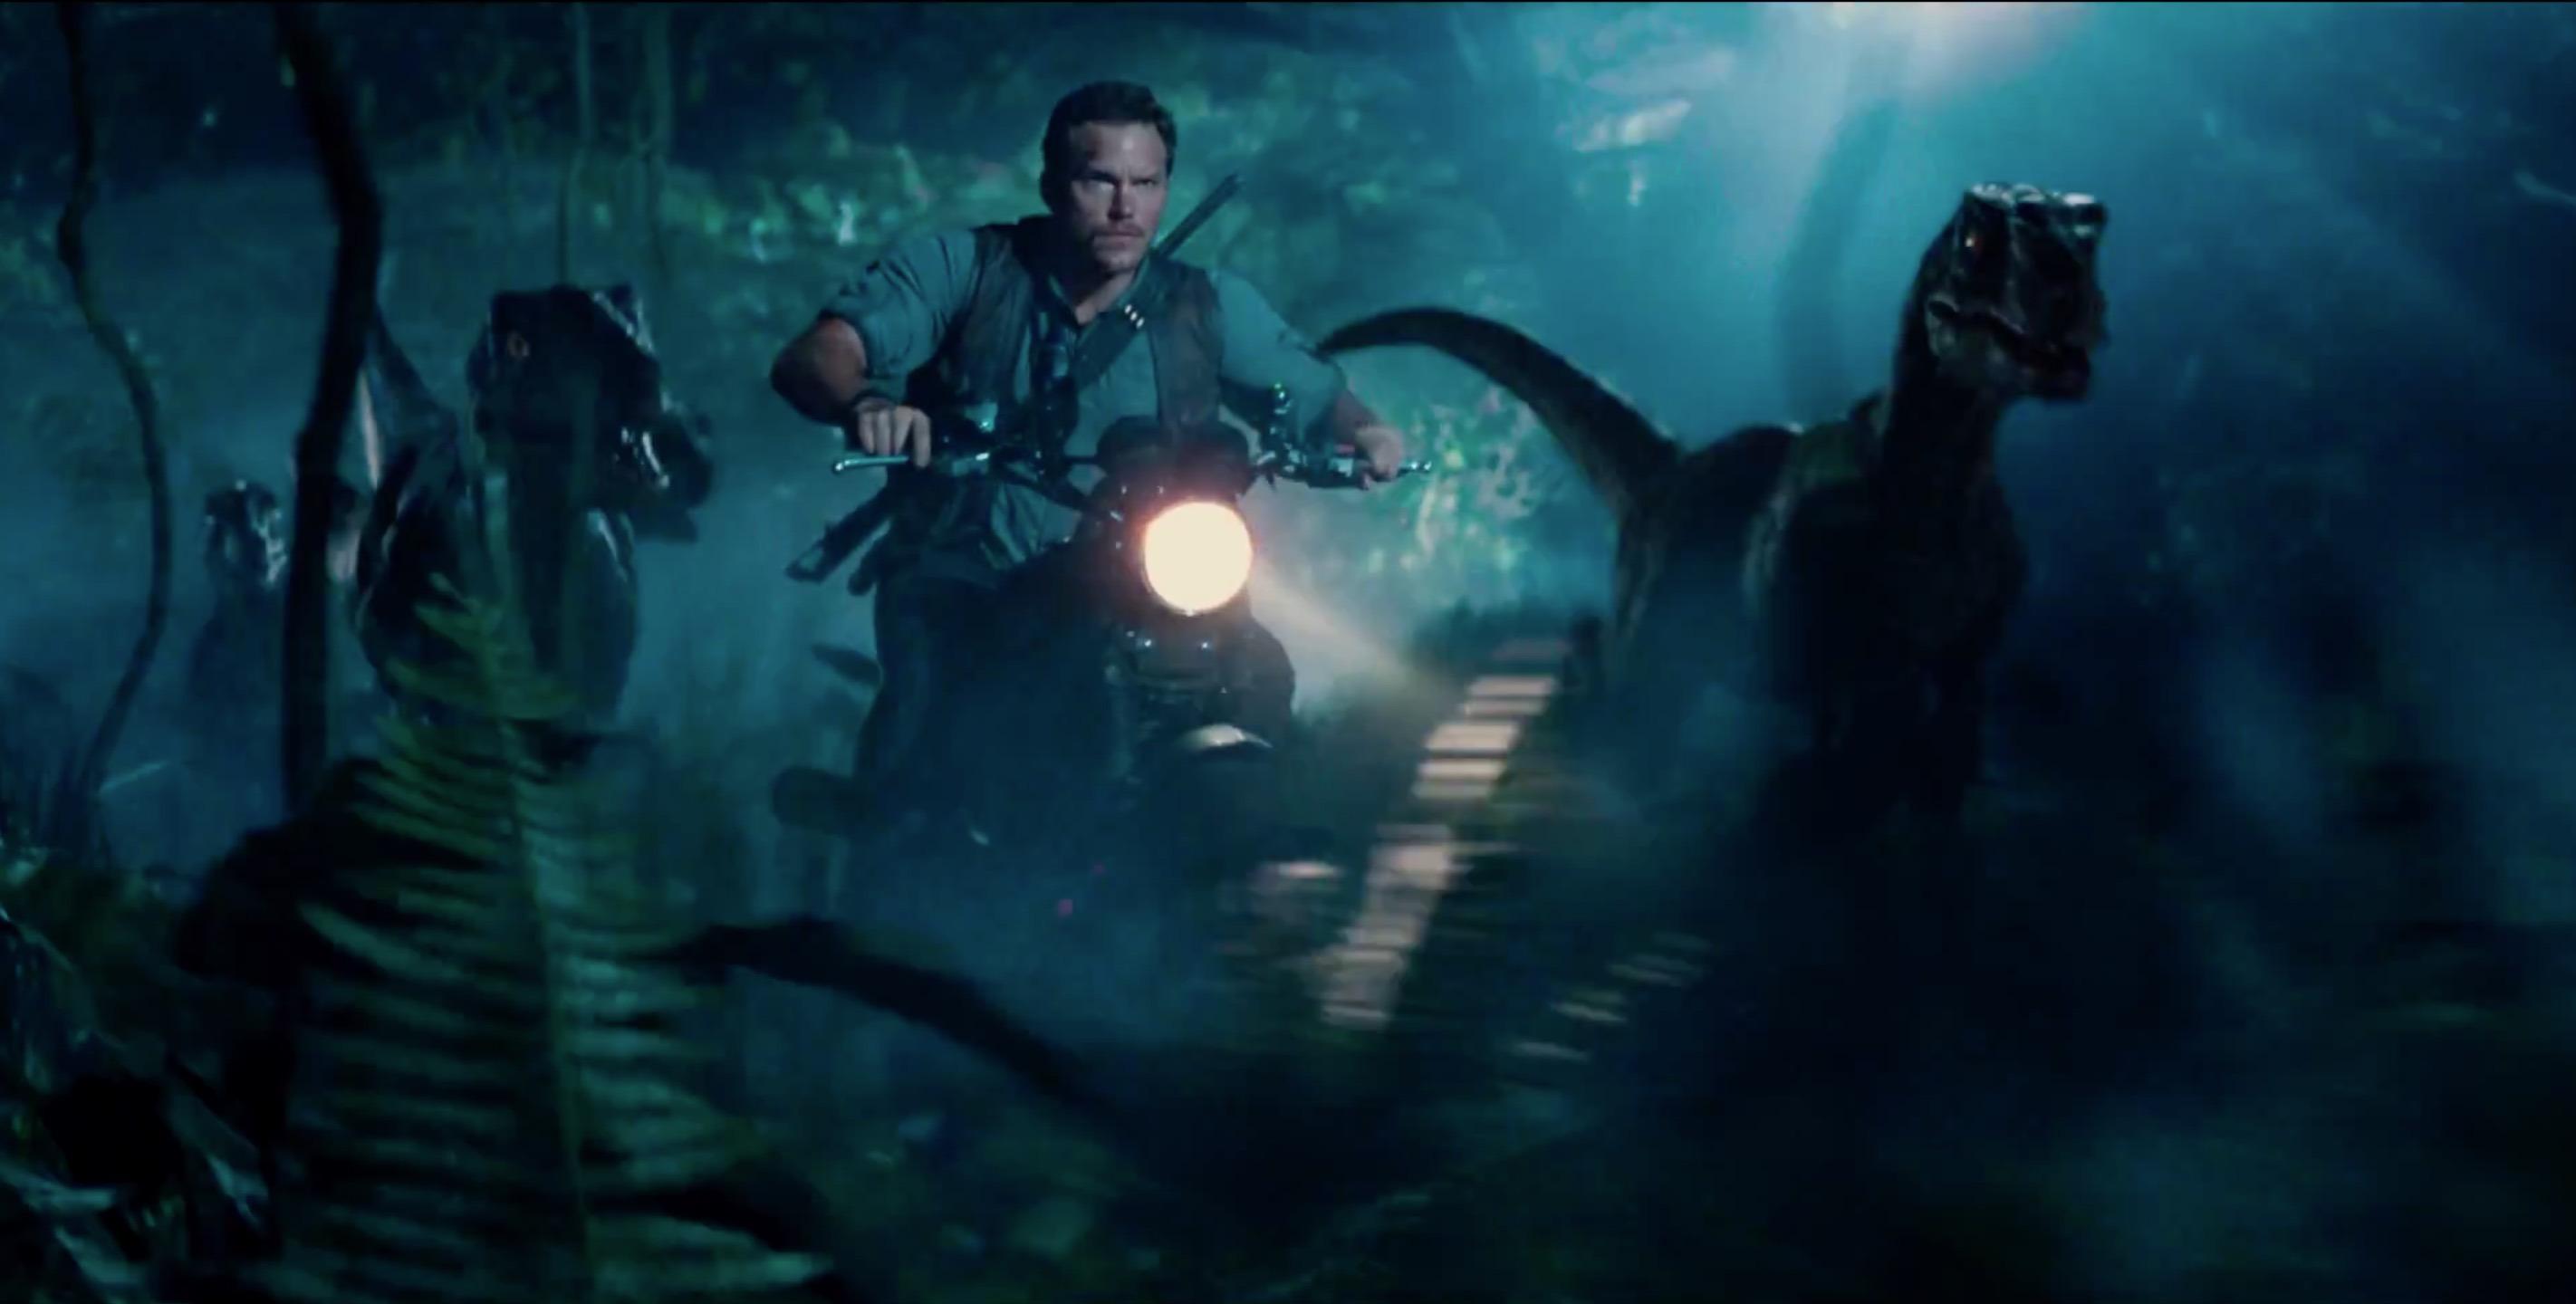 Jurassic-World-Trailer-Still-48